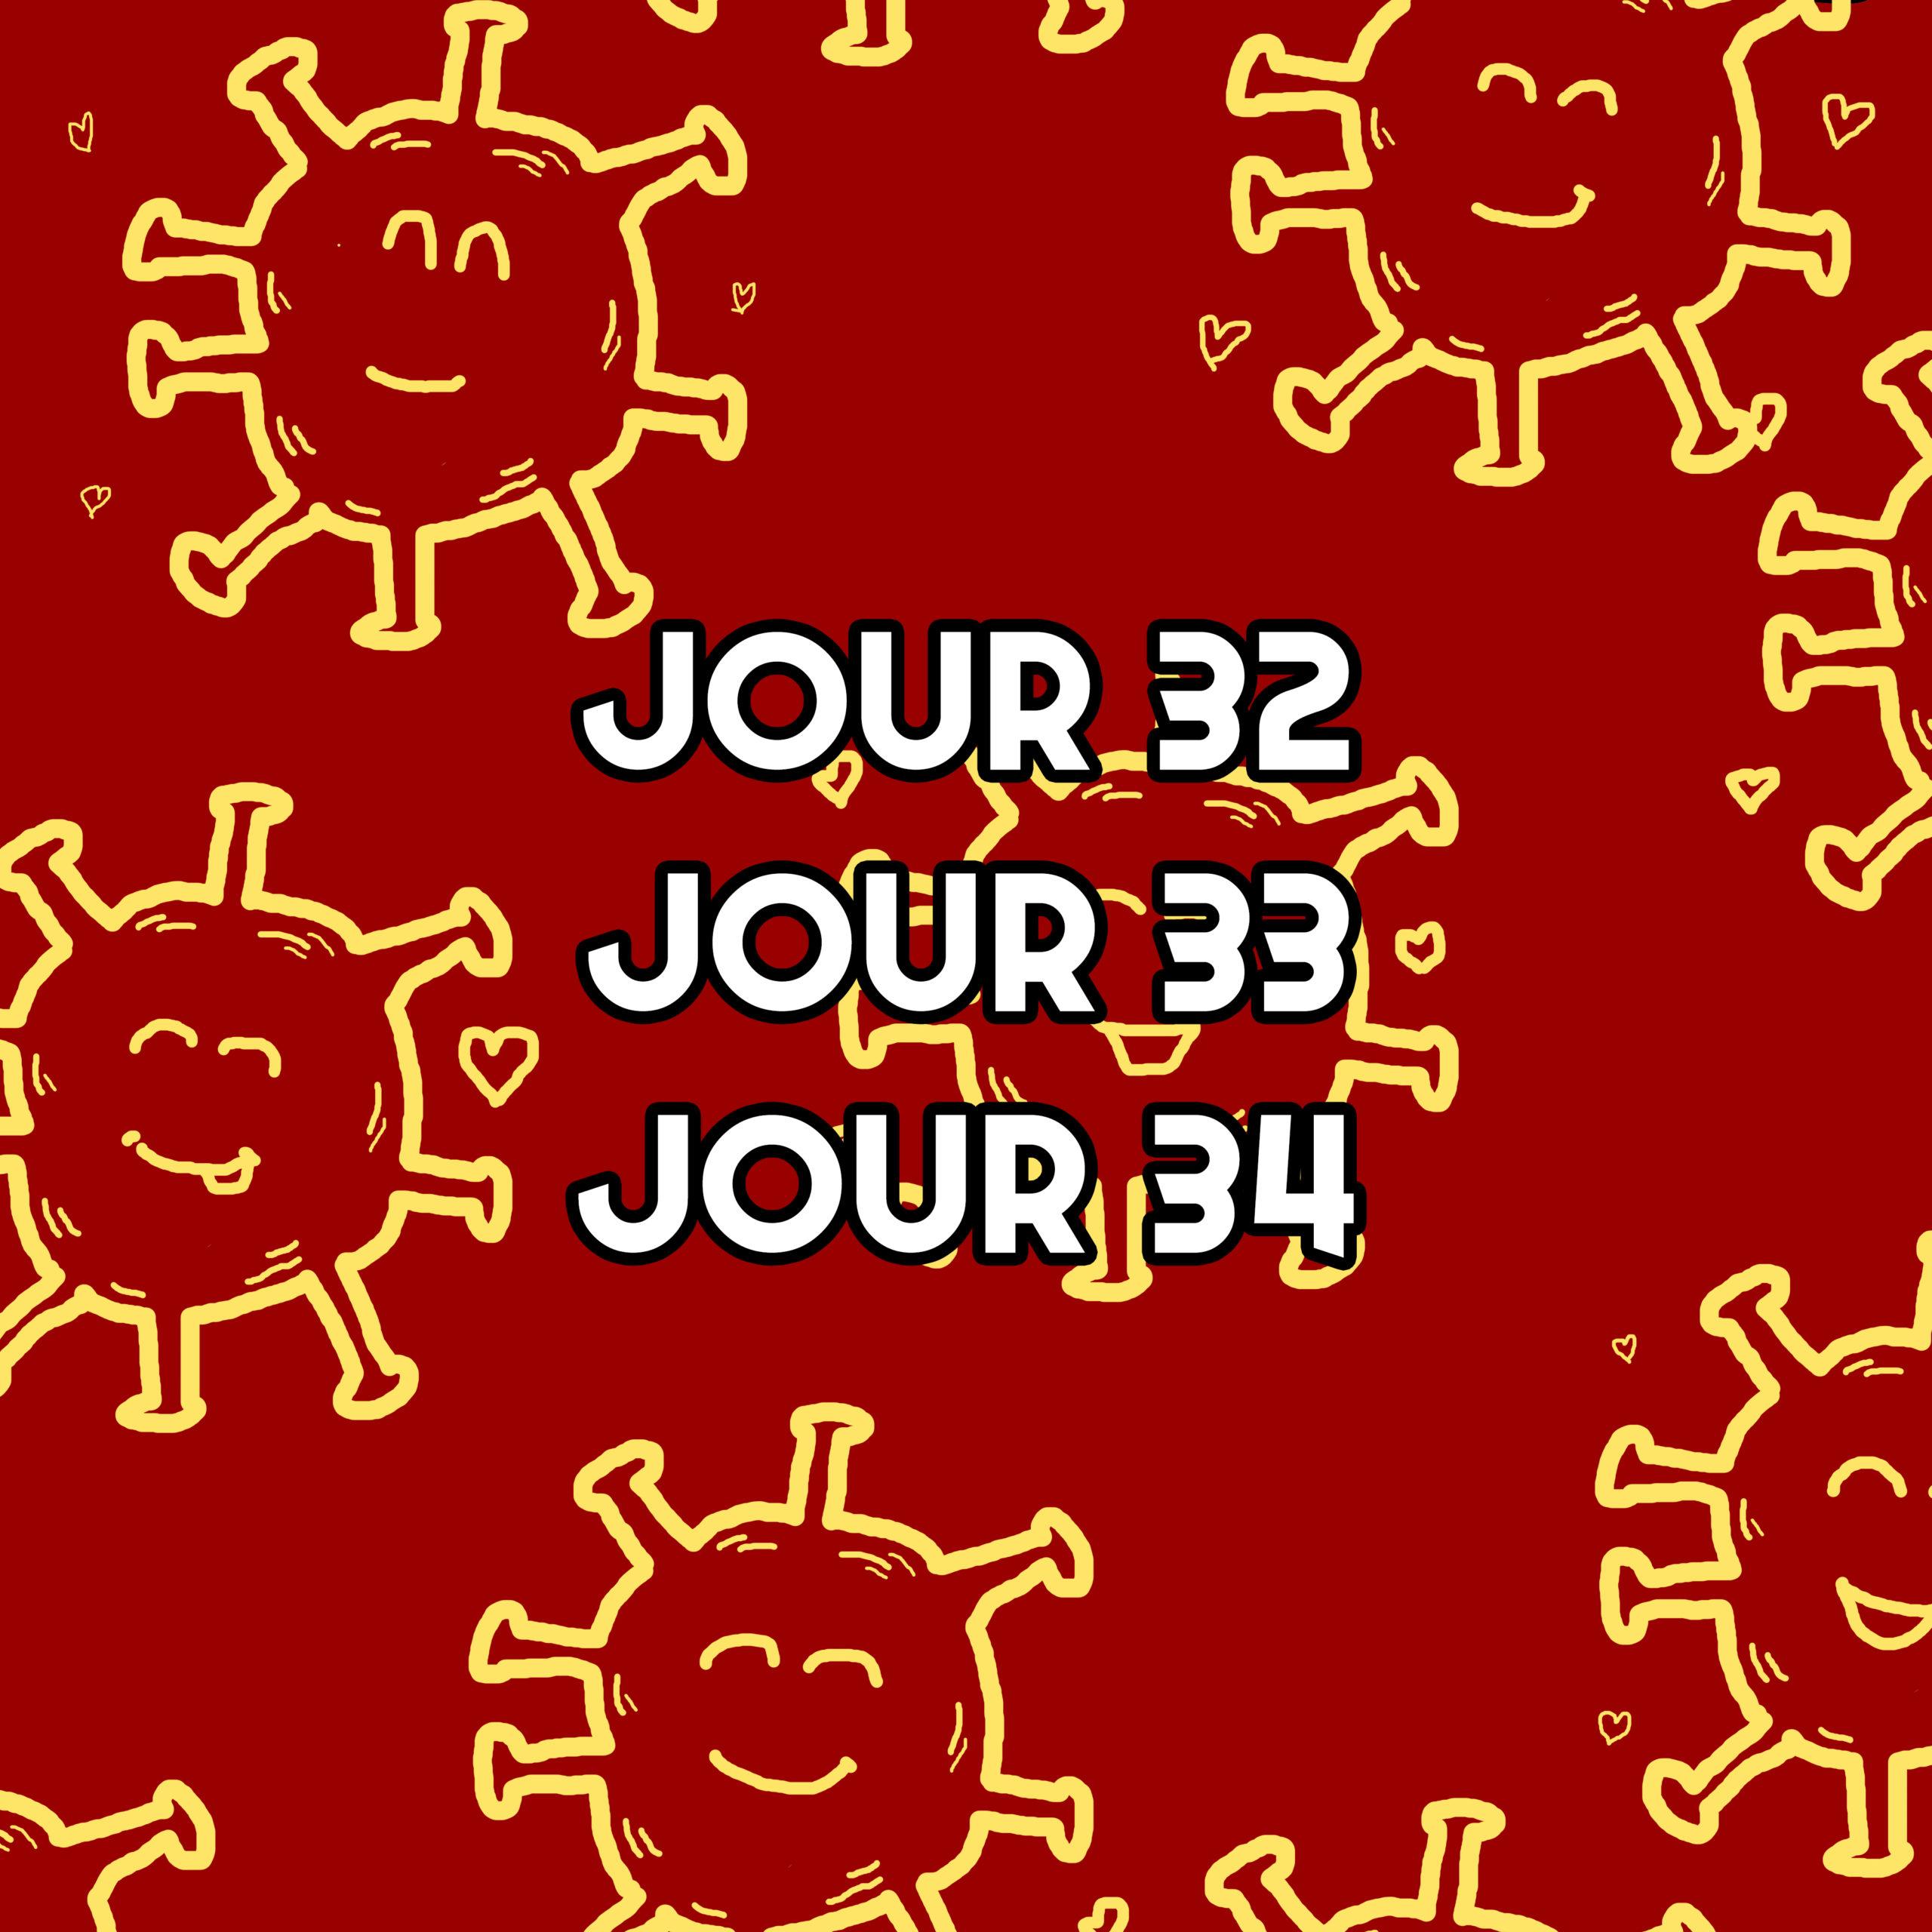 Jour 32 33 34 – Penser à rappeler l'herpès